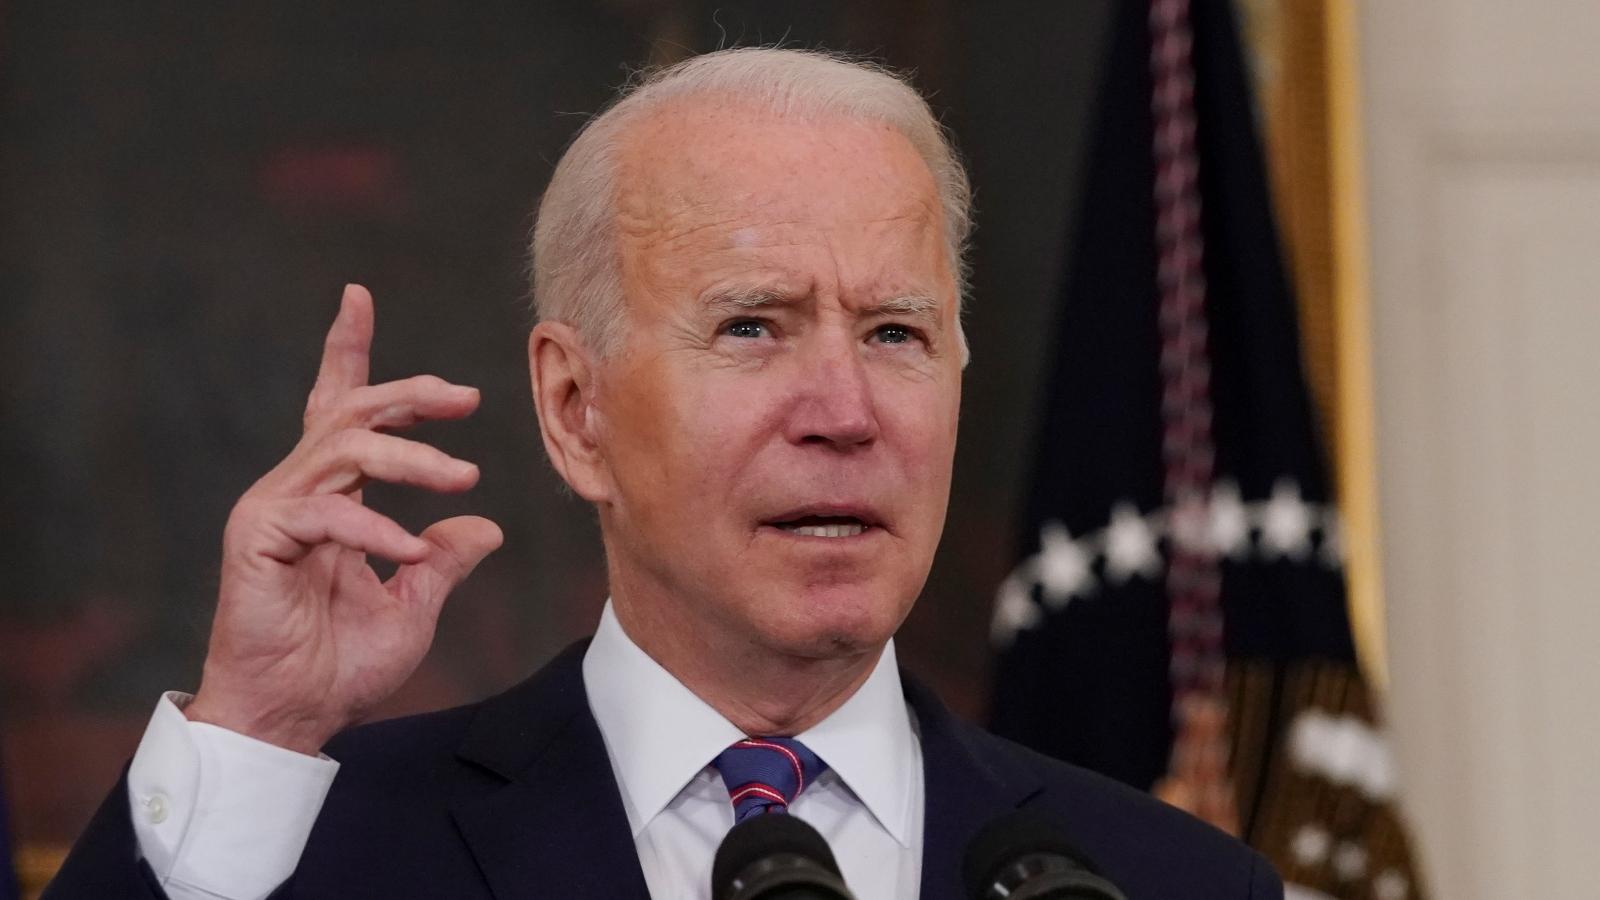 Tổng thống Biden: Mỹ phải bảo vệ các tuyến đường huyết mạch ở Bắc Cực và Biển Đông